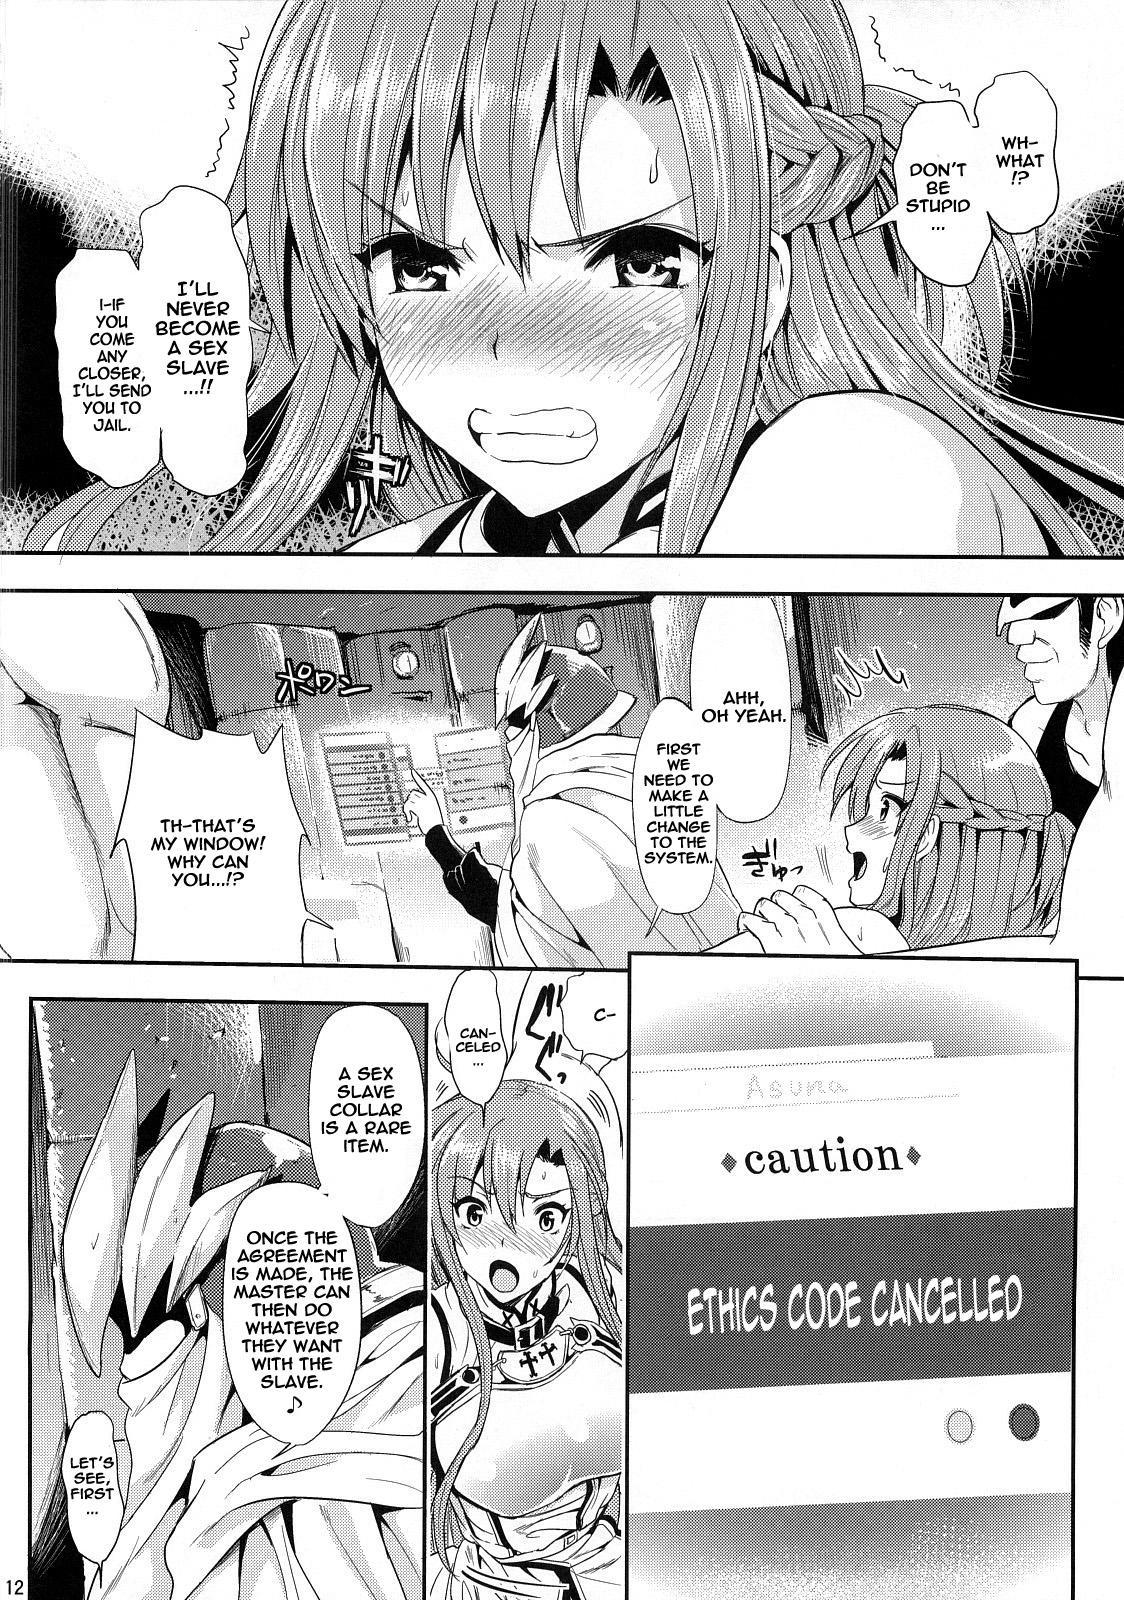 (C83) [YURIRU-RARIKA (Kojima Saya, Lazu)] Shujou Seikou II α Watashi... Okasarete Anal ni Mezamemashita | Captive Sex II - After Being R-ped, I was Awakened to Anal (Sword Art Online) [English] {doujin-moe.us} 10